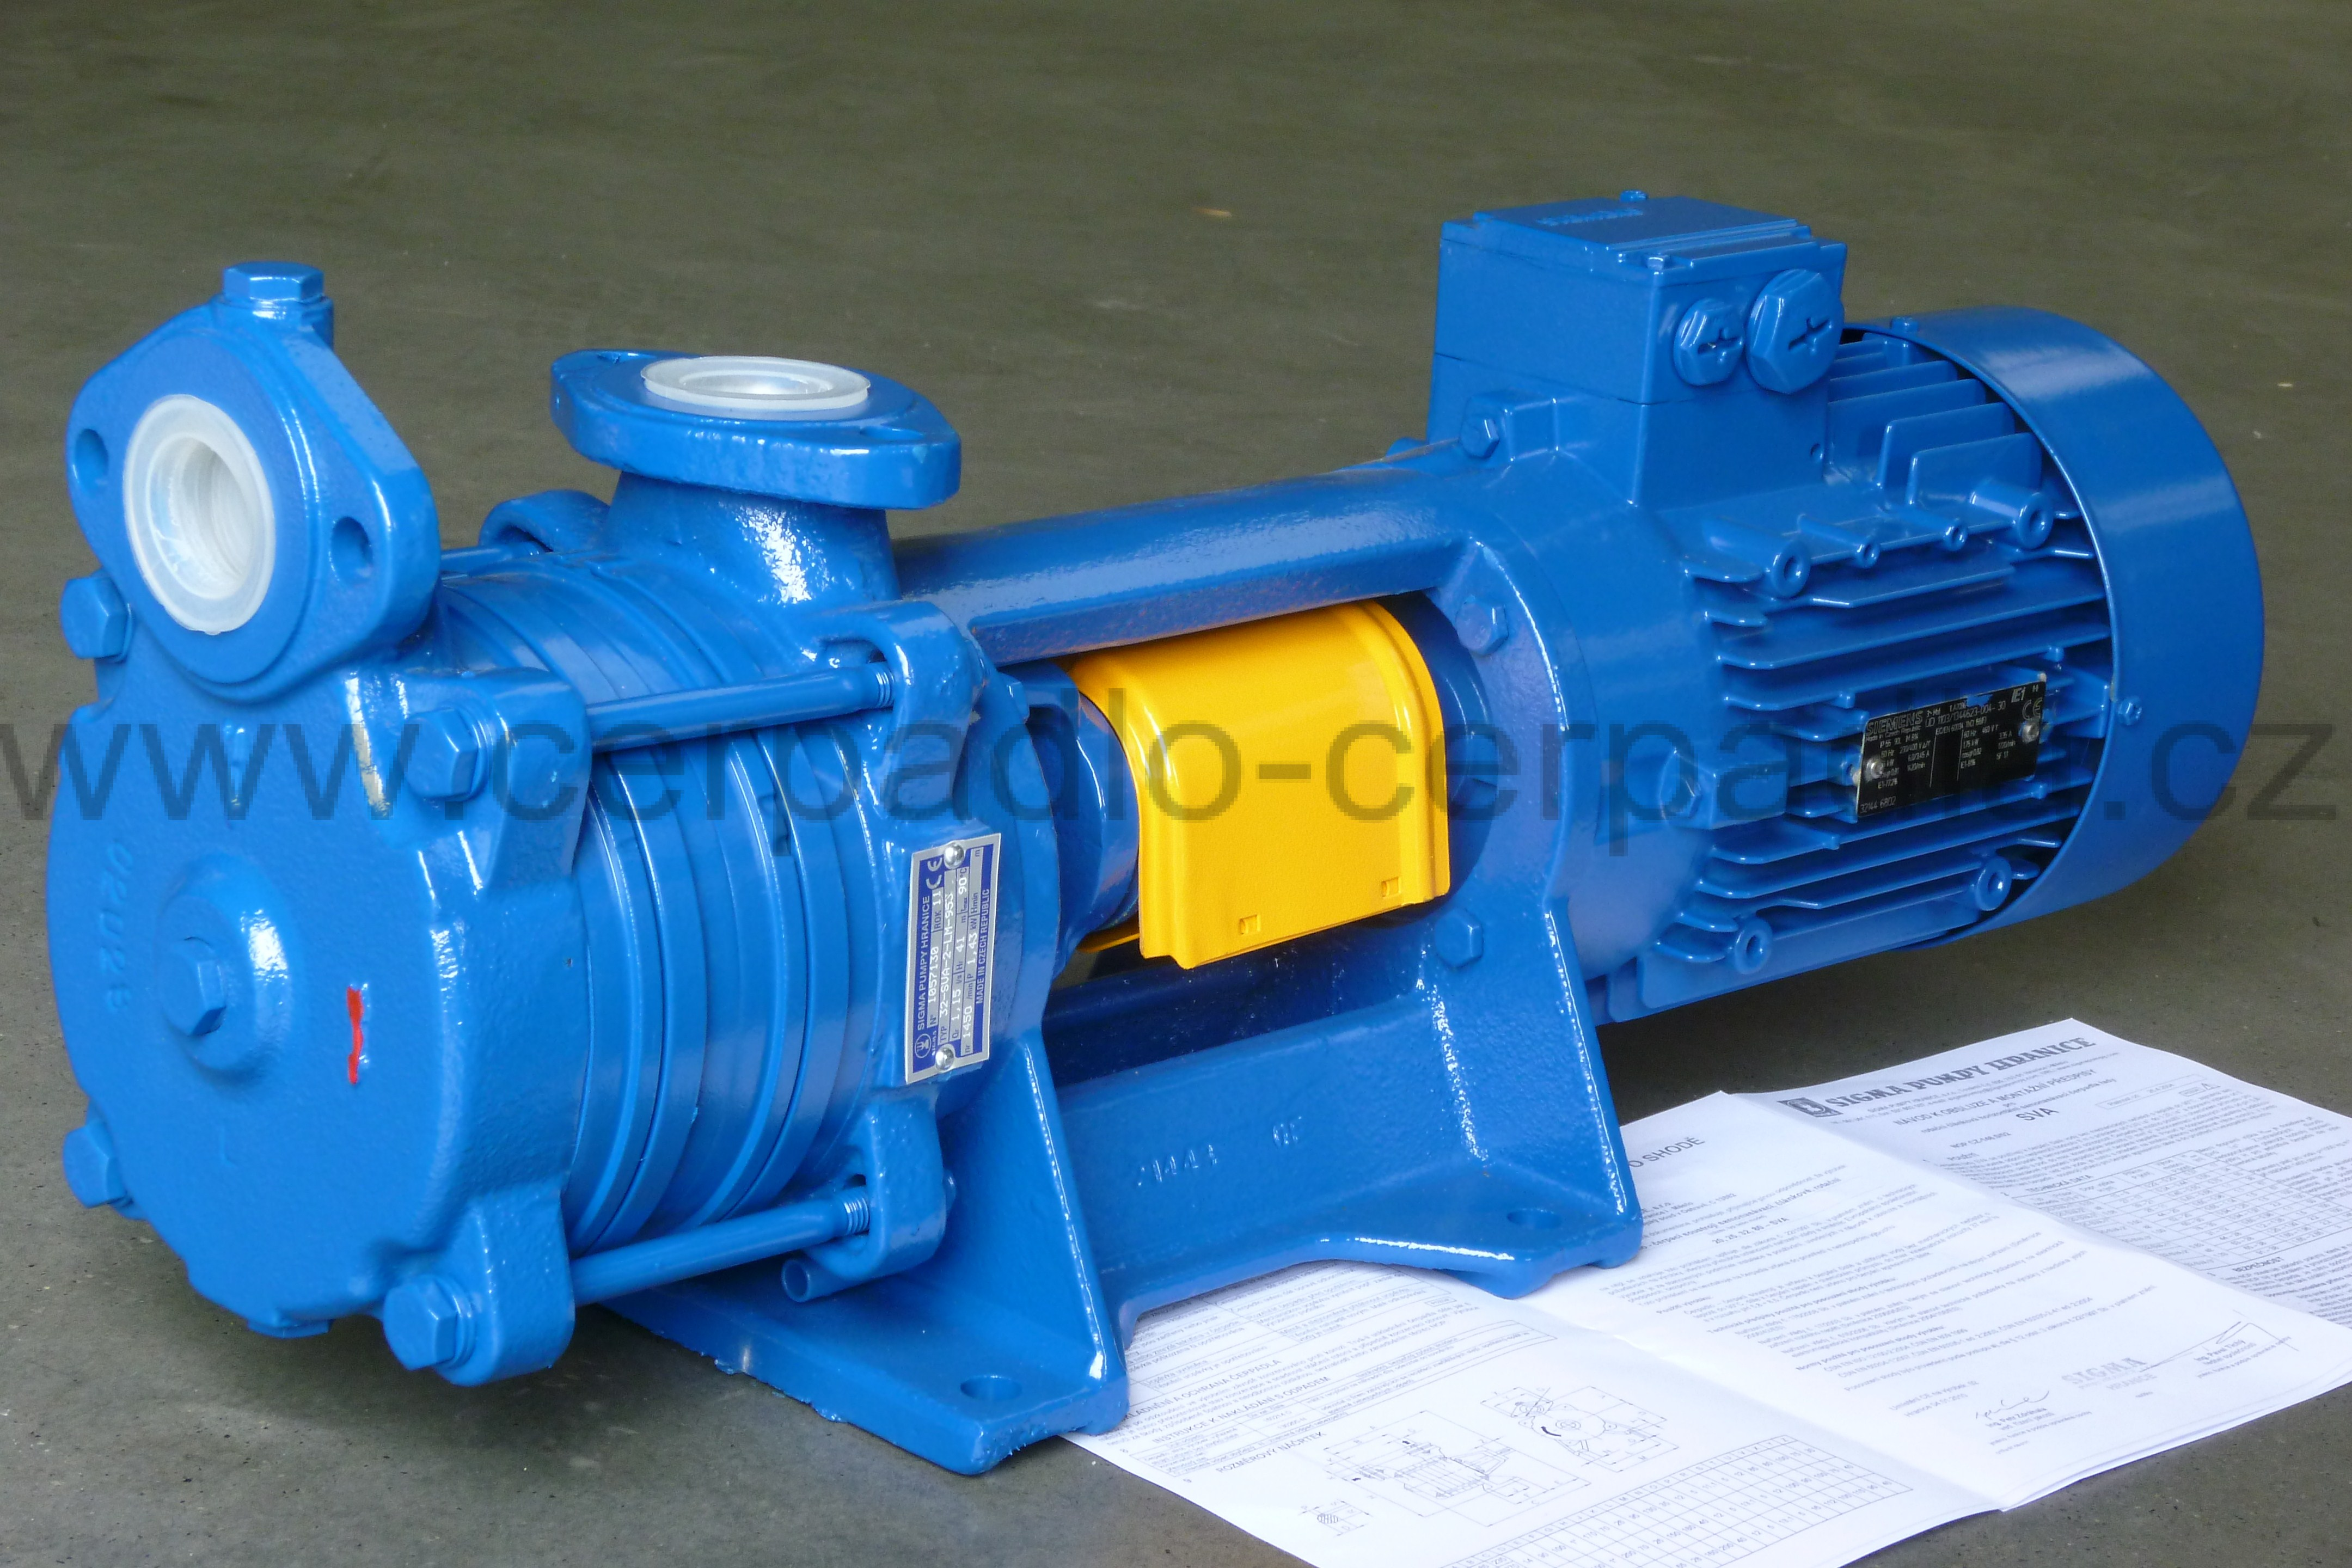 Čerpadlo SIGMA 32-SVA-130-10-2-LM-953, motor 1,5 kW, SVA-K00056 (32-SVA-2-LM-953)